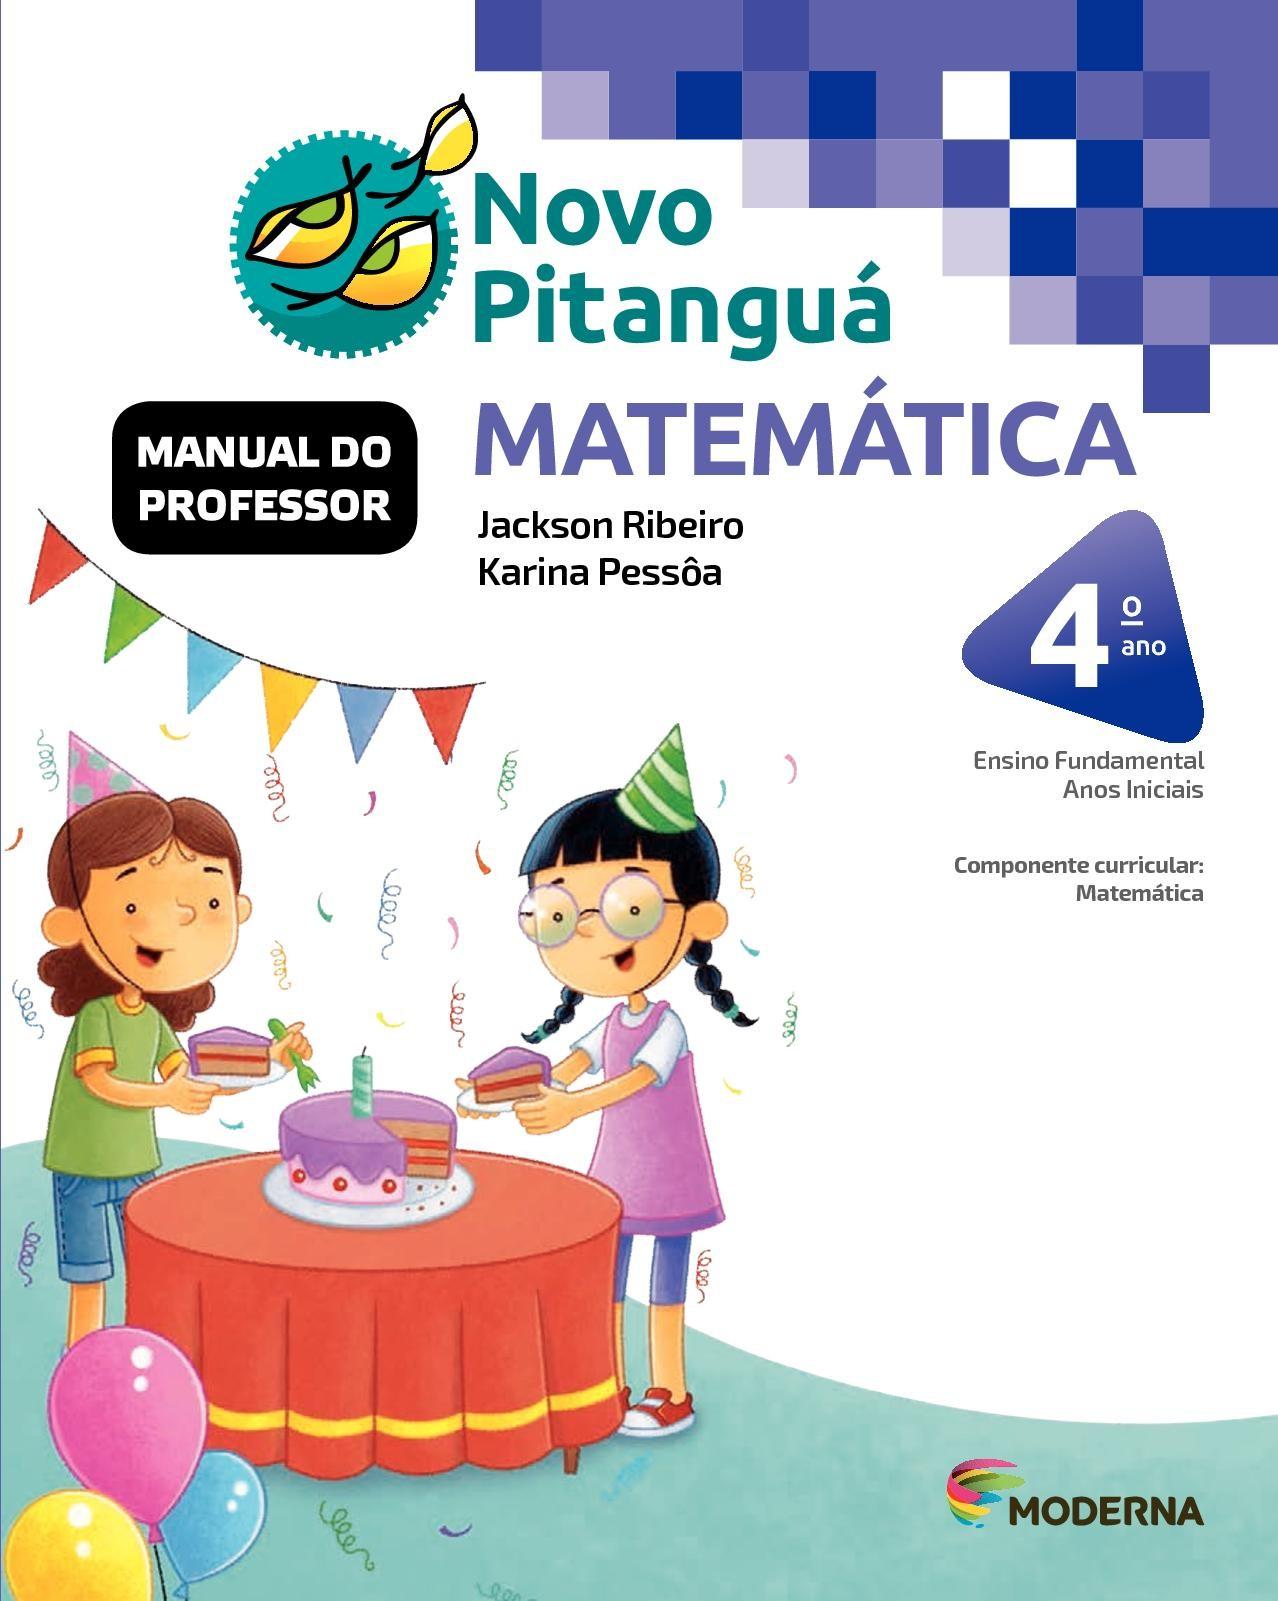 Calendario 2019 Feriados Campinas Recientes Calaméo Novo Pitangu Matemática 4º Ano Of Calendario 2019 Feriados Campinas Mejores Y Más Novedosos Calendários E Folhinhas De Parede